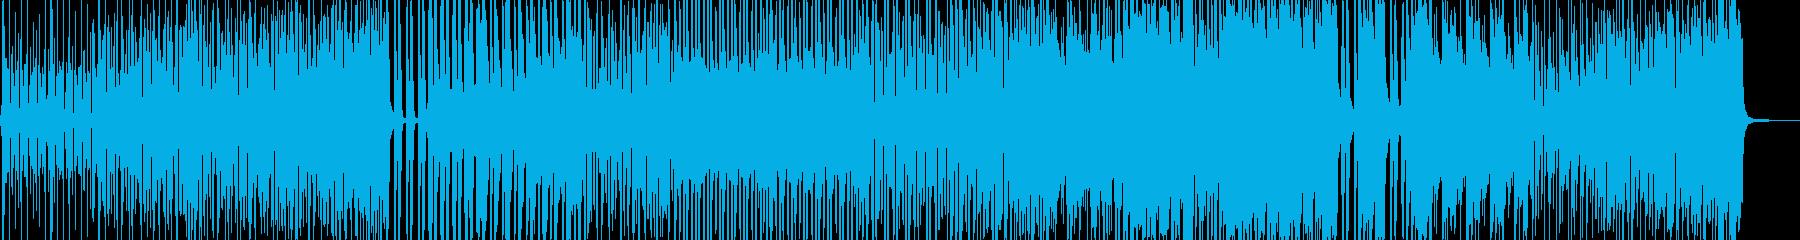 七変化アニメーションダンス調ポップ Aの再生済みの波形